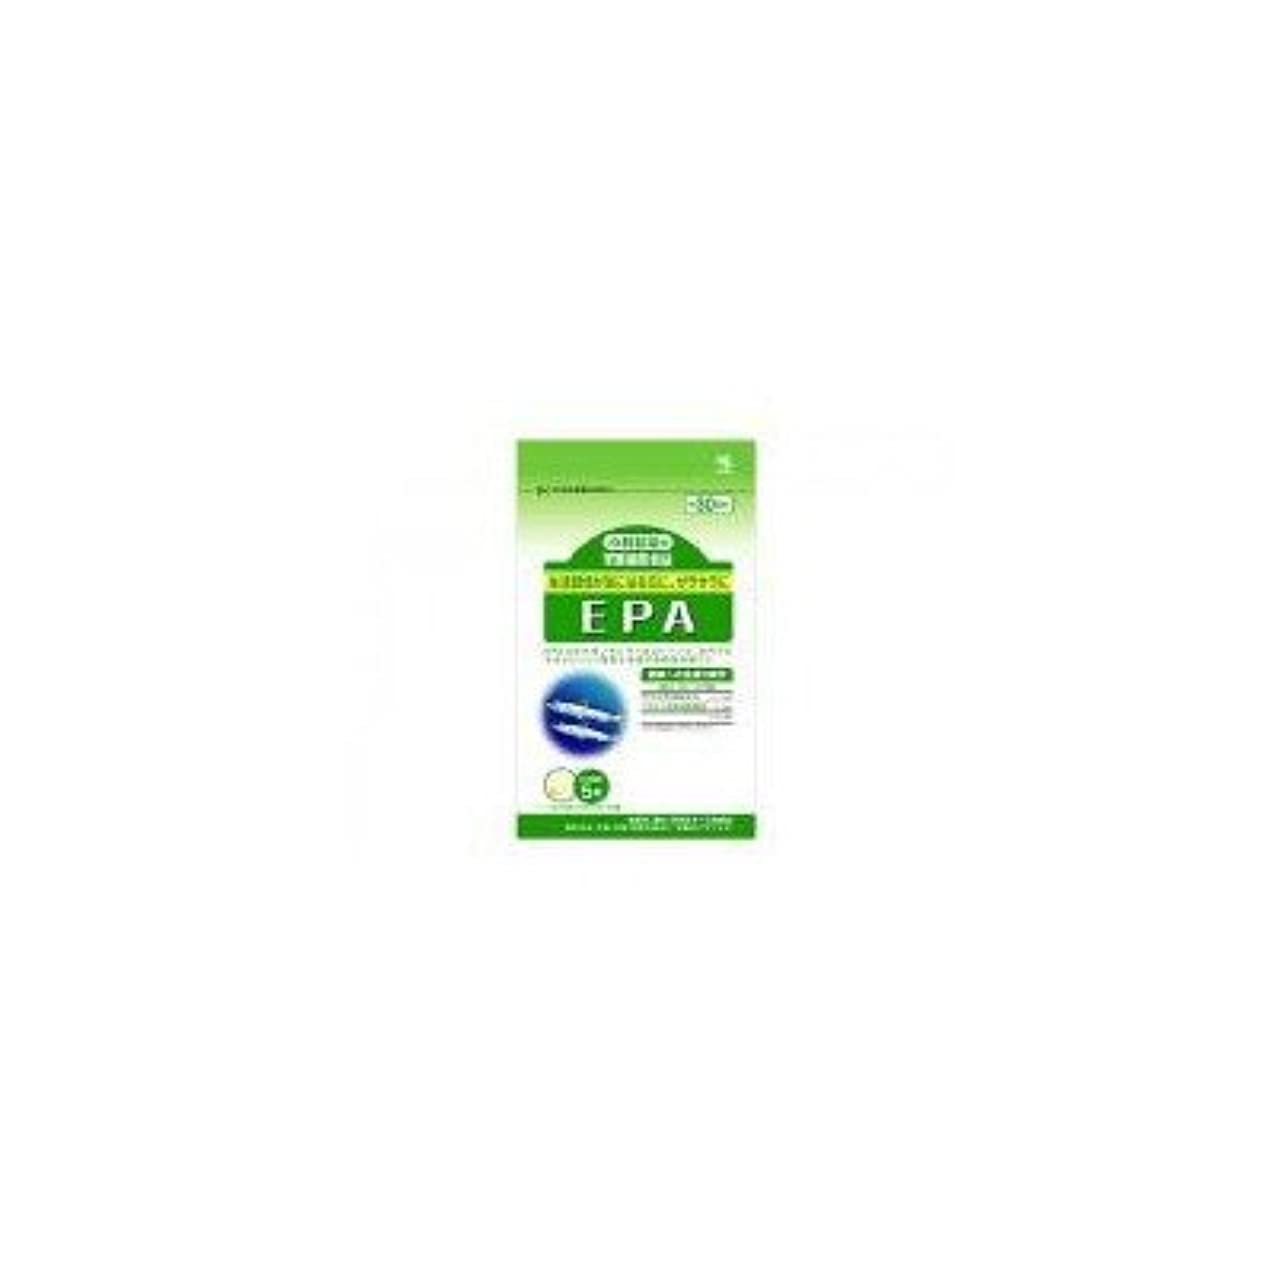 ためらう無許可パーク小林製薬の栄養補助食品 EPA(150粒 約30日分) 4セット